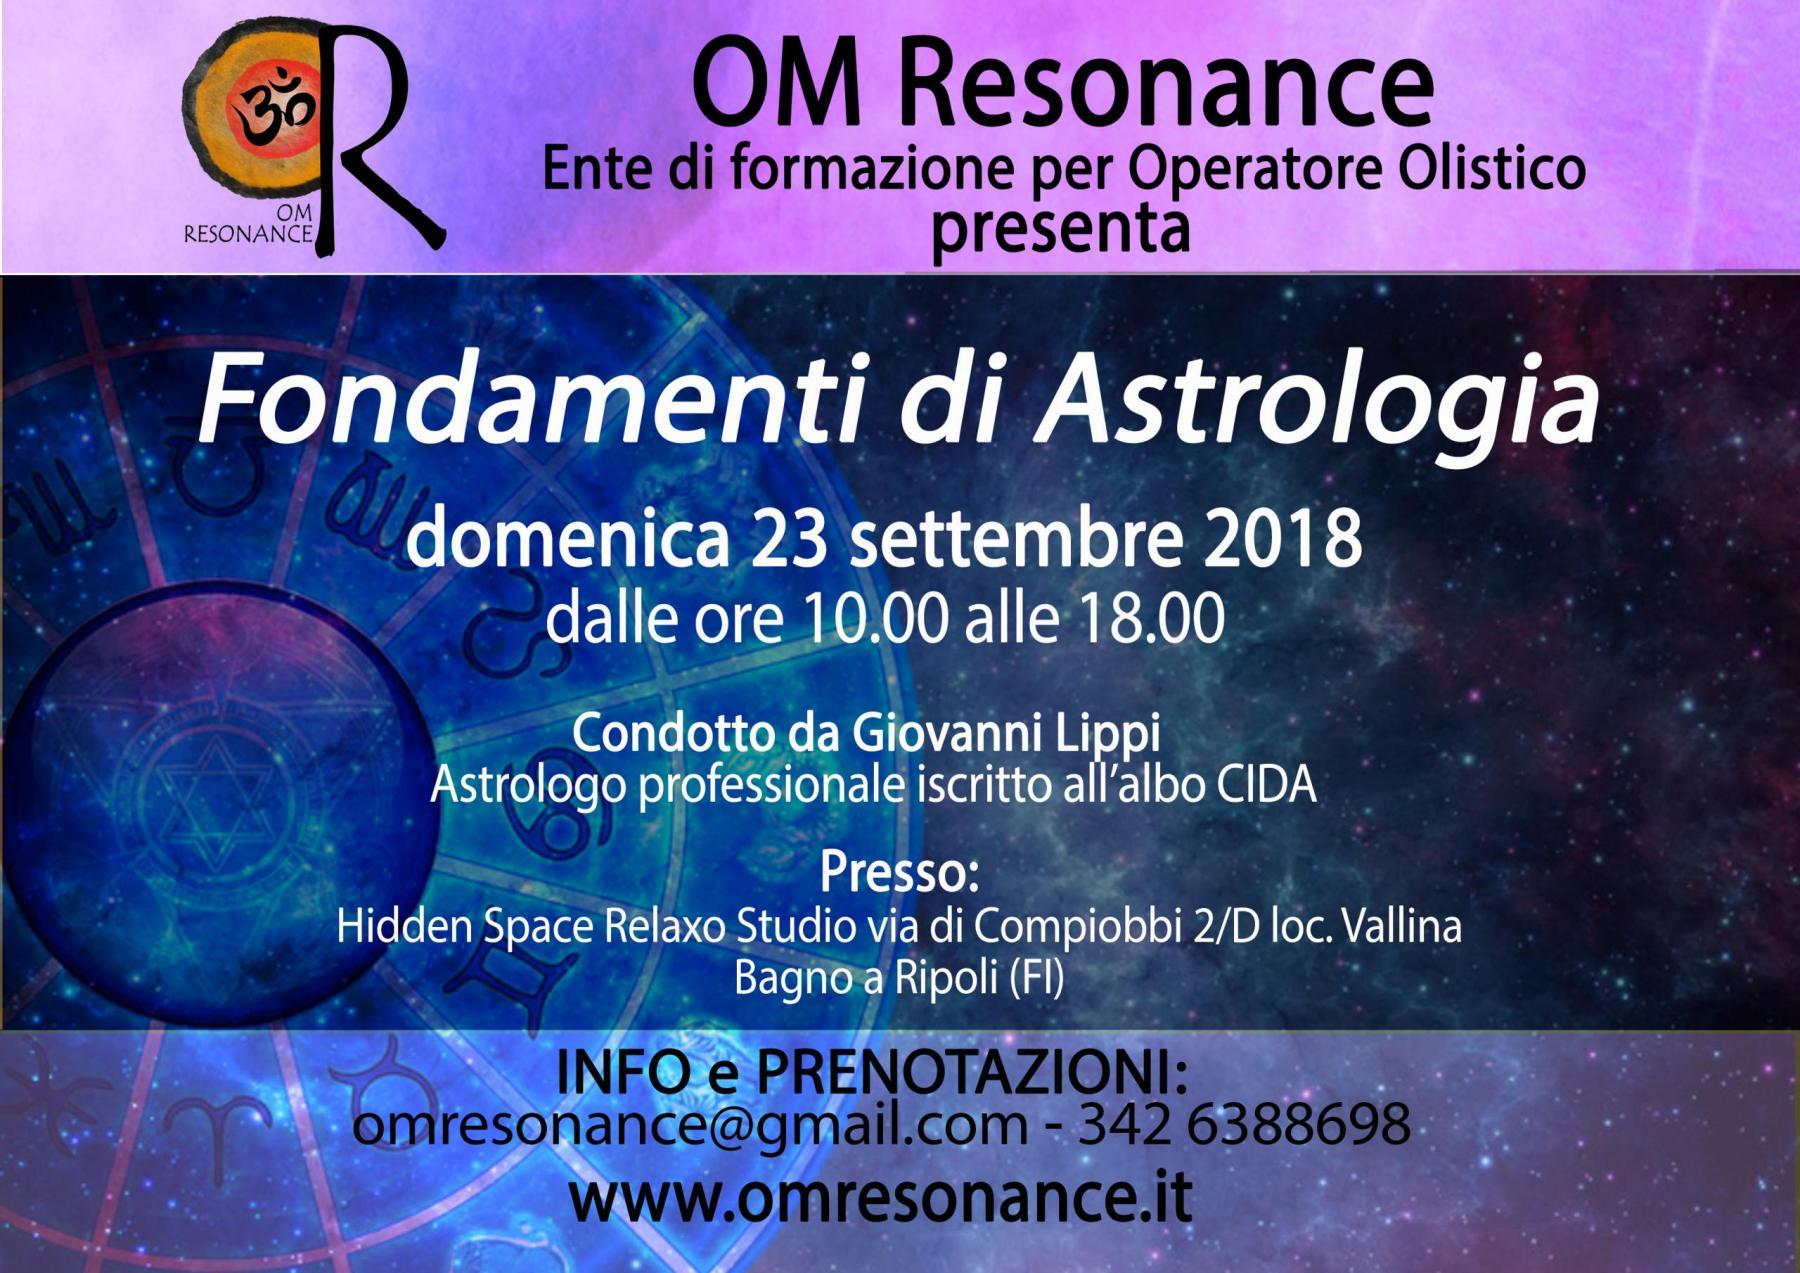 fondamenti di astrologia Giovanni Lippi Om Resonance Firenze